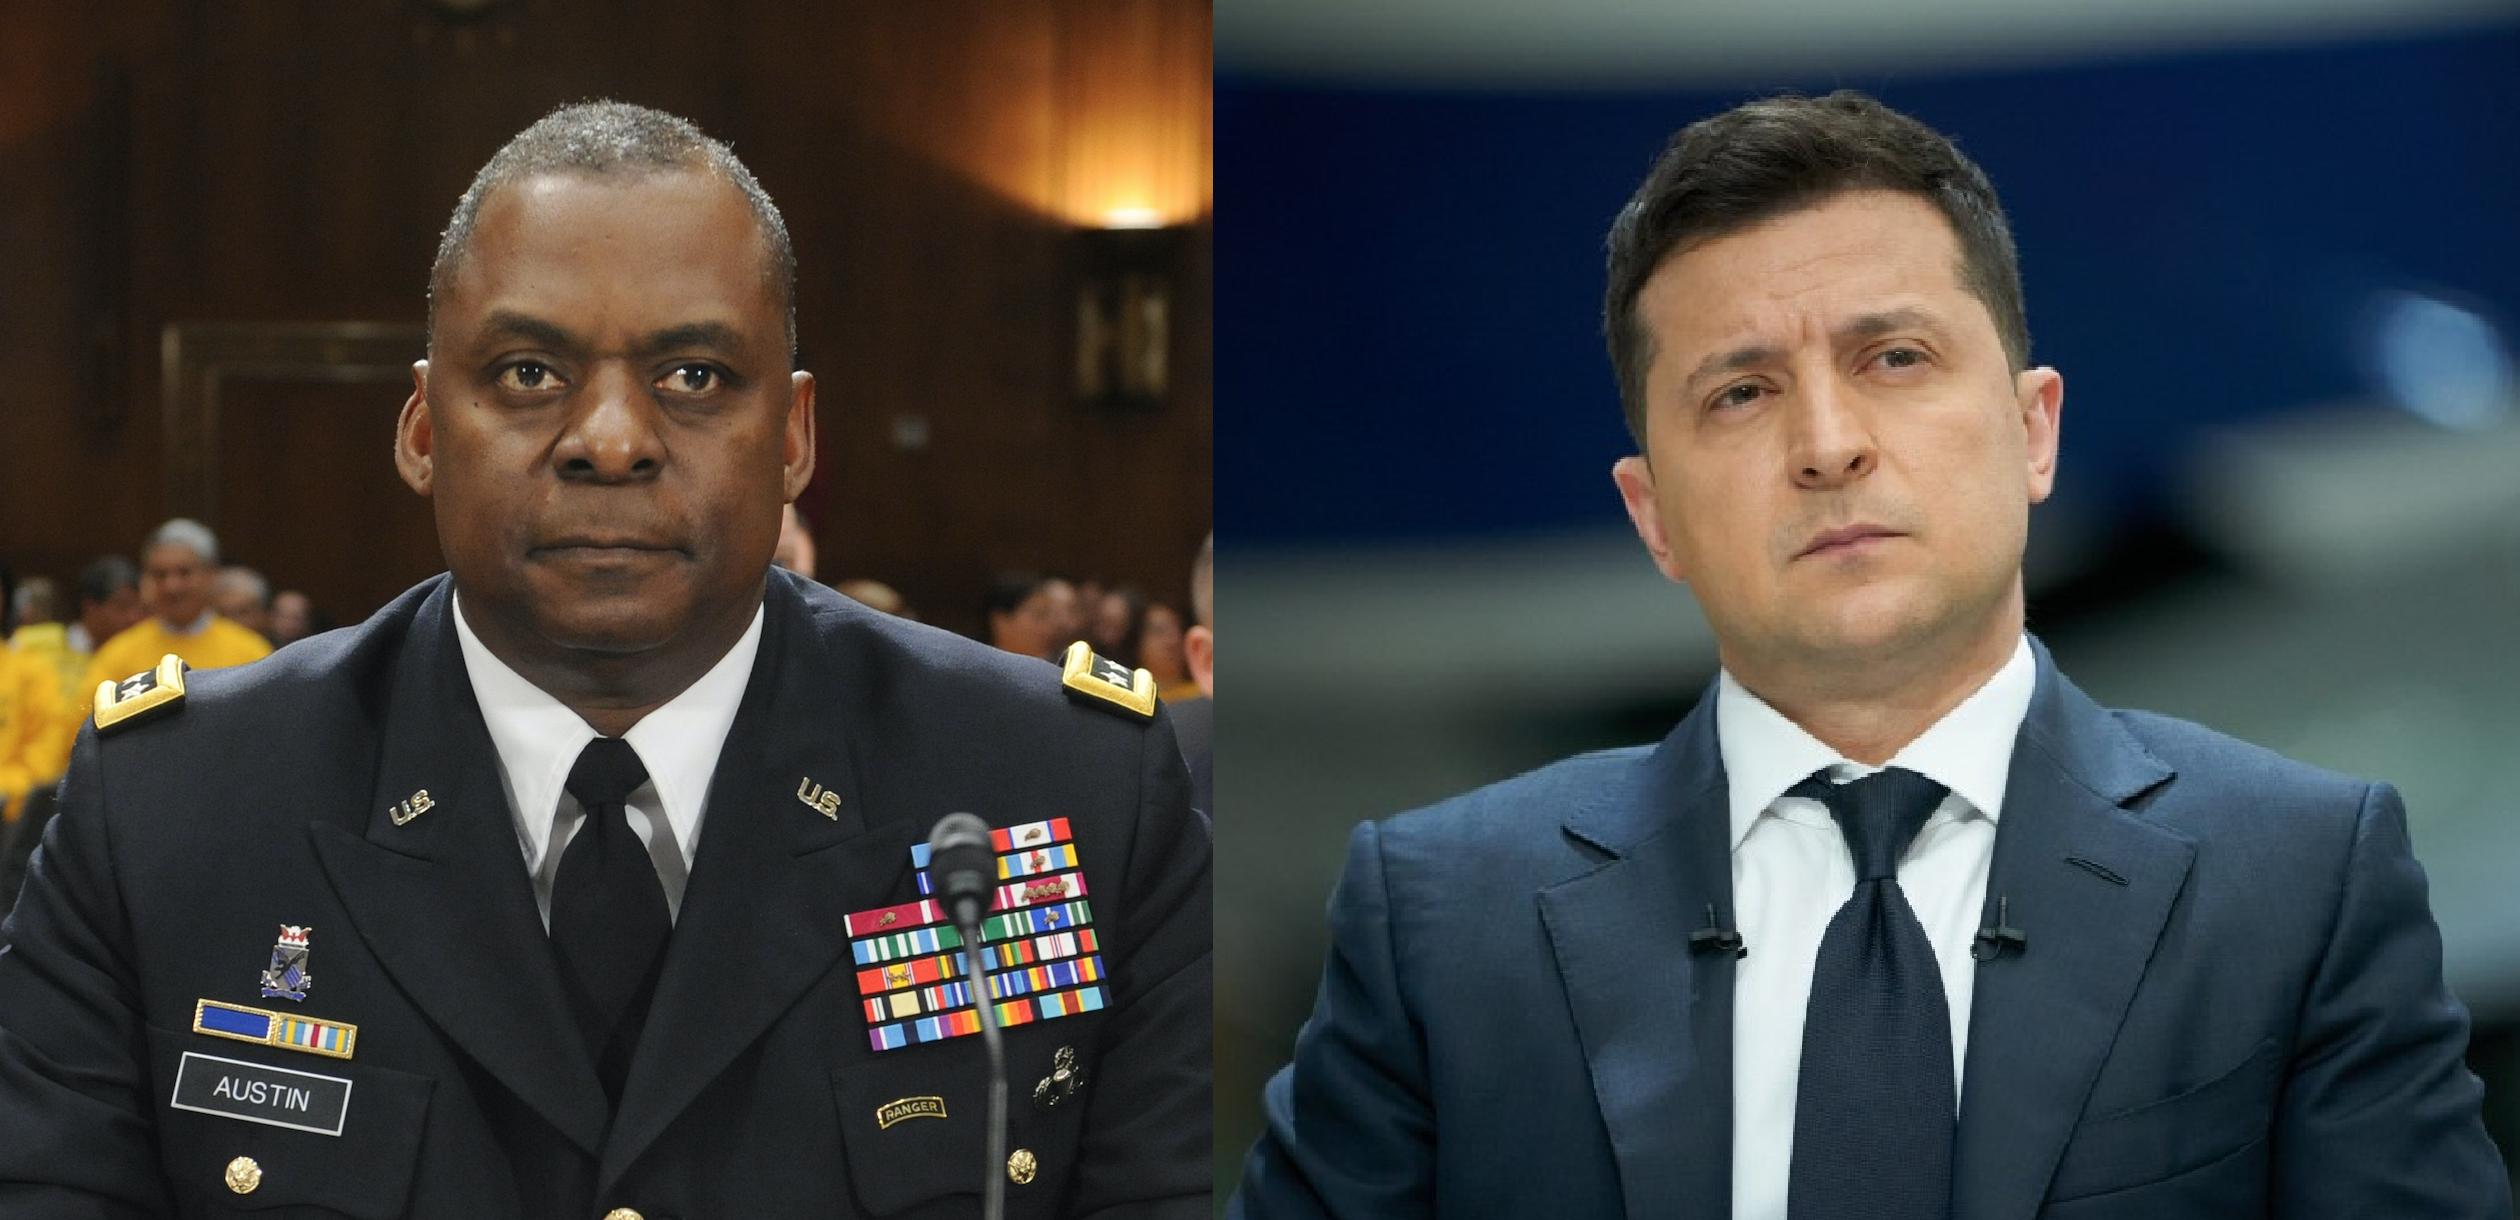 Зеленский встретится с главой Пентагона Остином за день до визита в Белый  дом к Байдену - новости Украины, Политика - LIGA.net